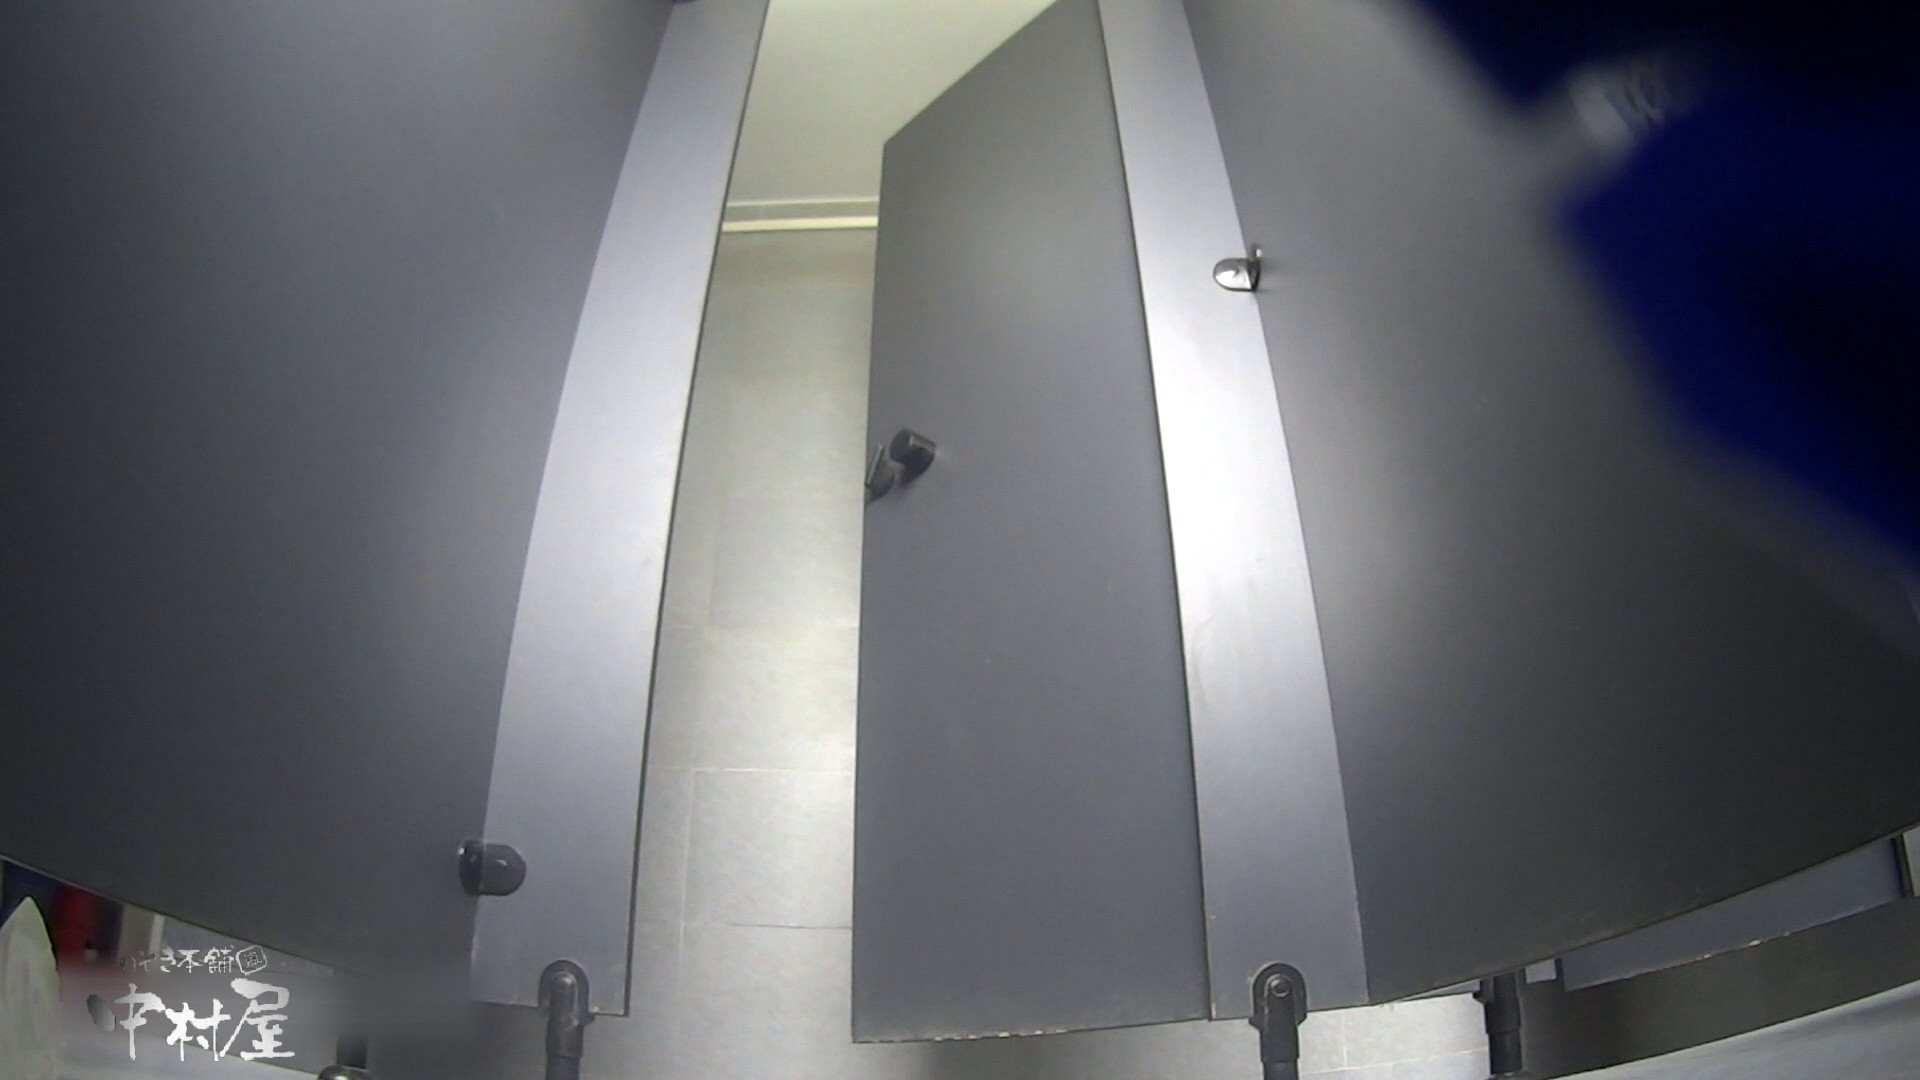 ツンデレお女市さんのトイレ事情 大学休憩時間の洗面所事情32 Hな美女 AV無料 102pic 53